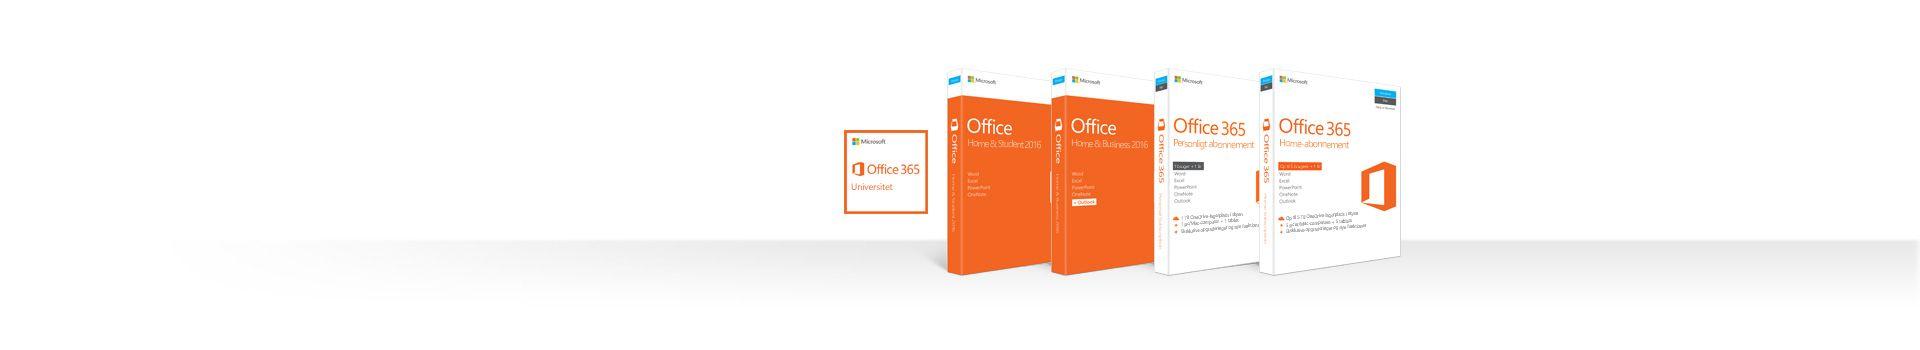 En række felter, der repræsenterer Office-abonnement og enkeltstående produkter til Mac